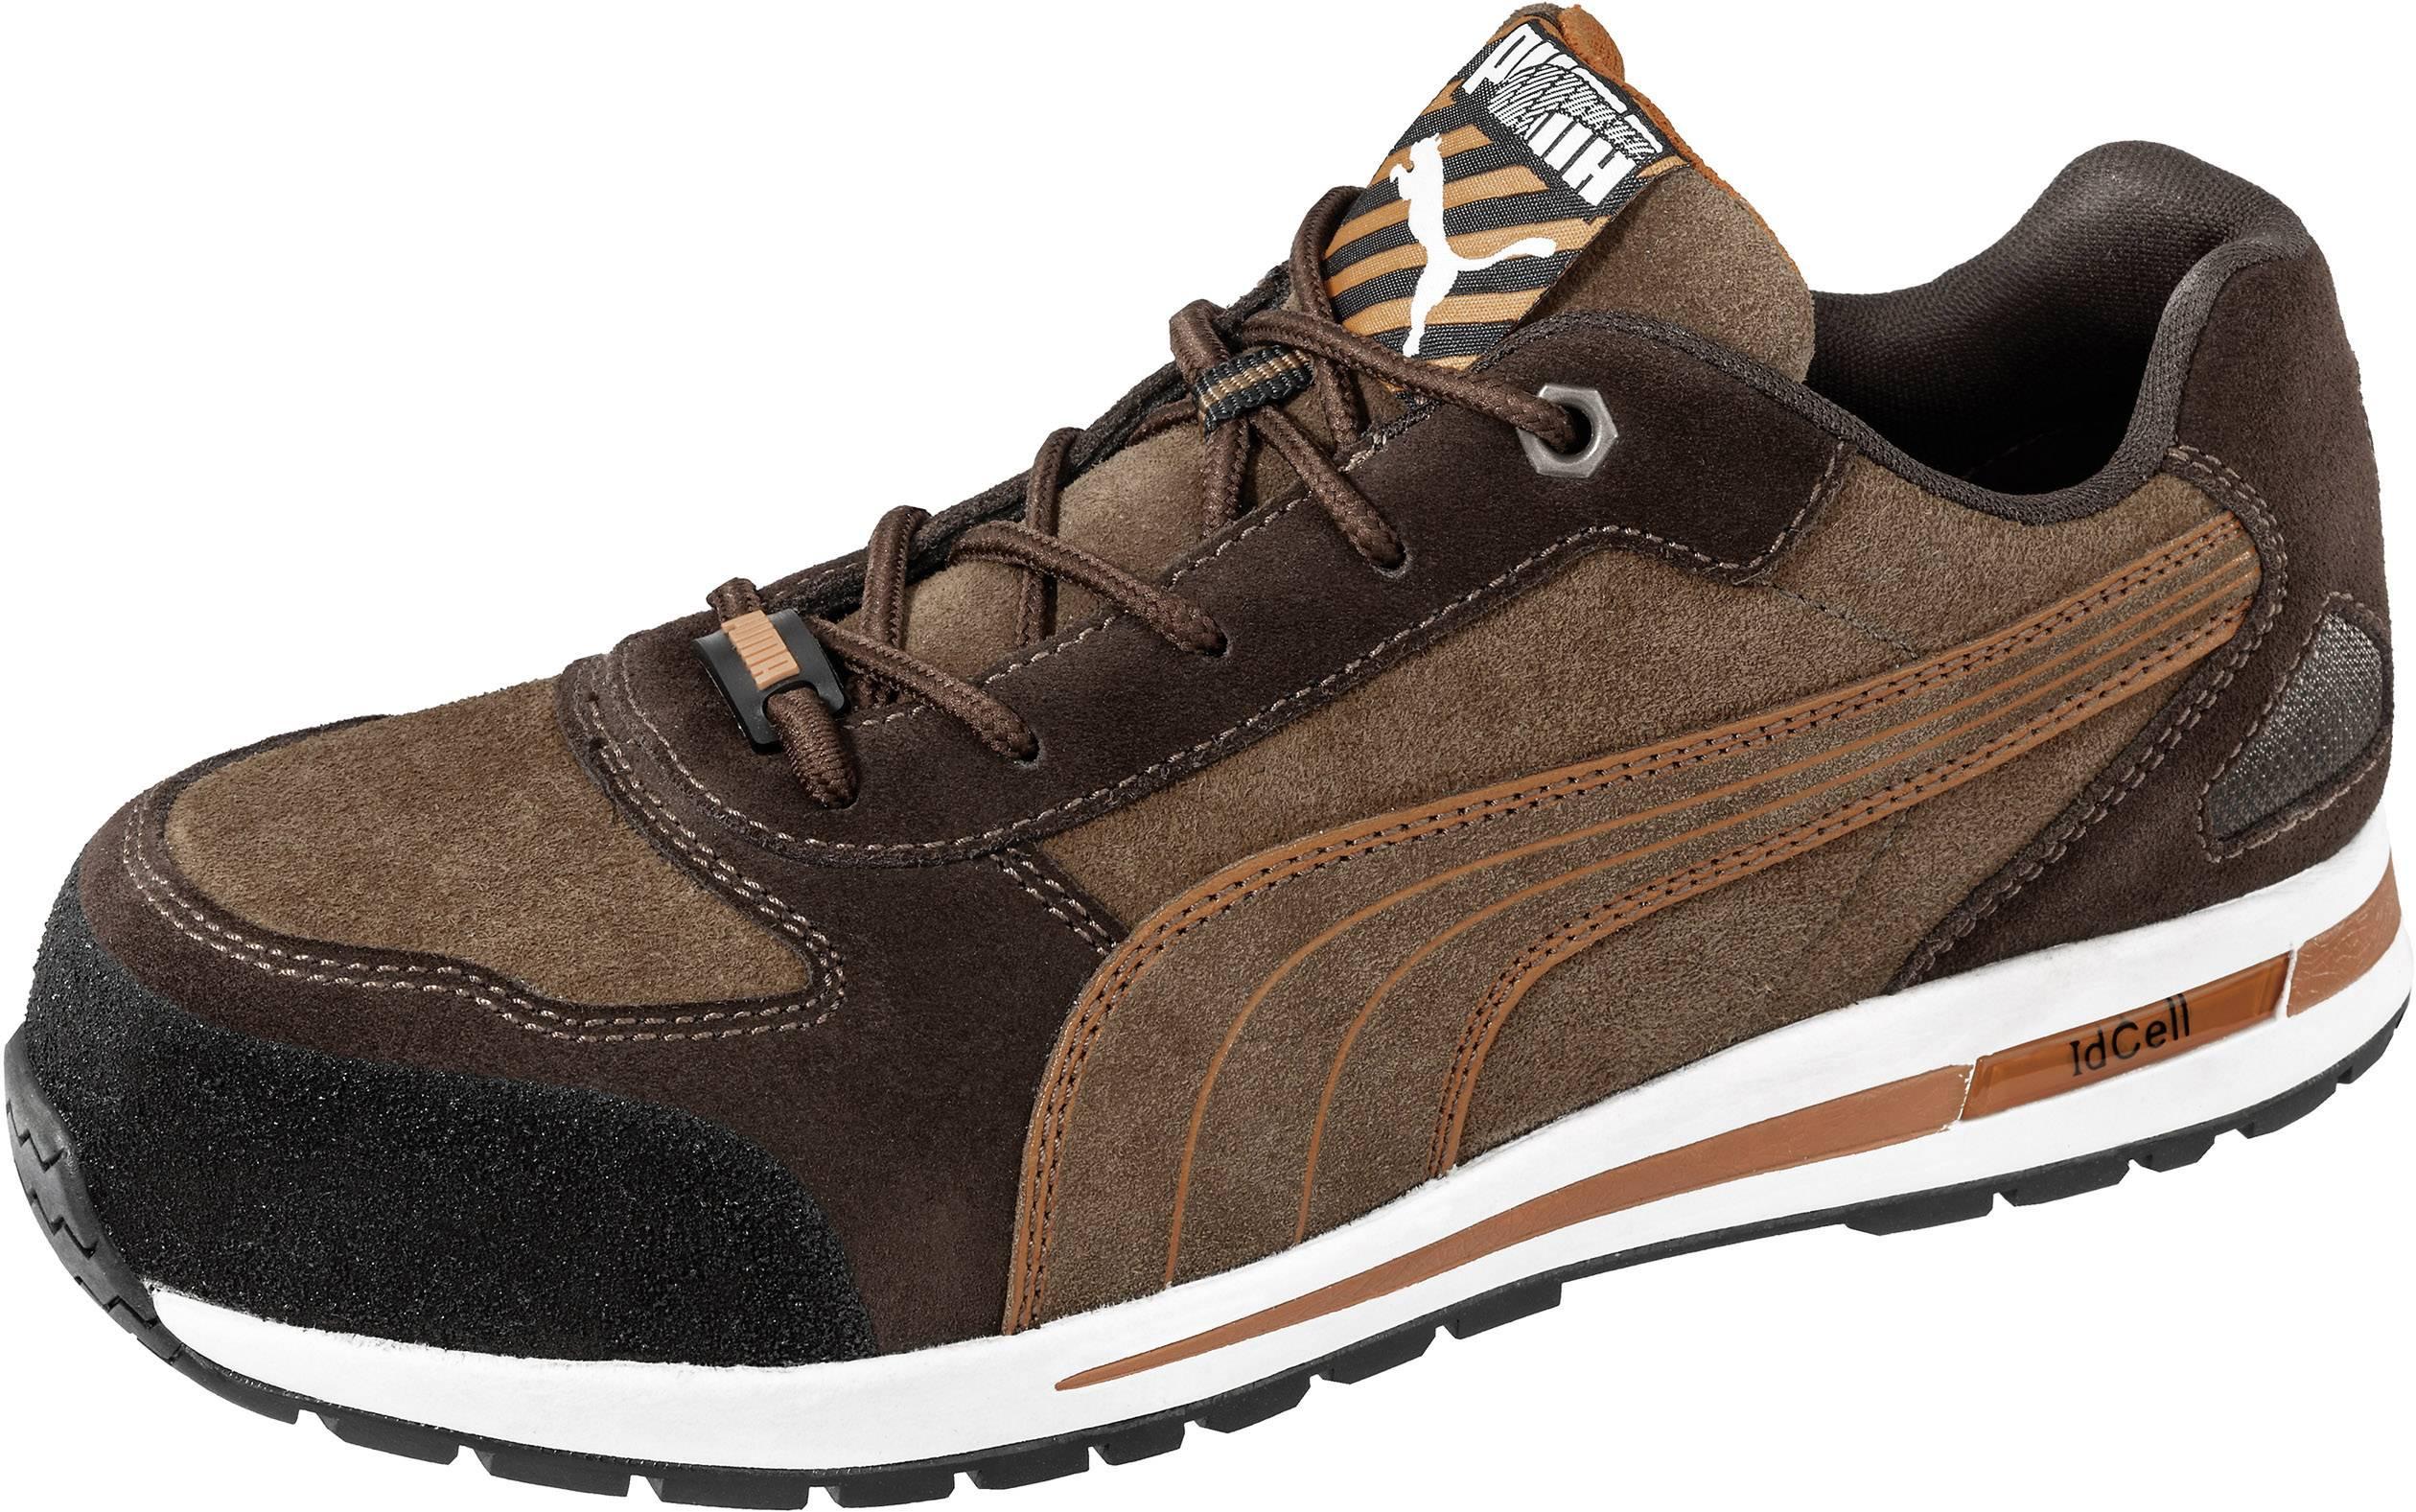 Taille Sécurité S1p Chaussures Puma Safety Basses De Barani 44 tqIwgzH